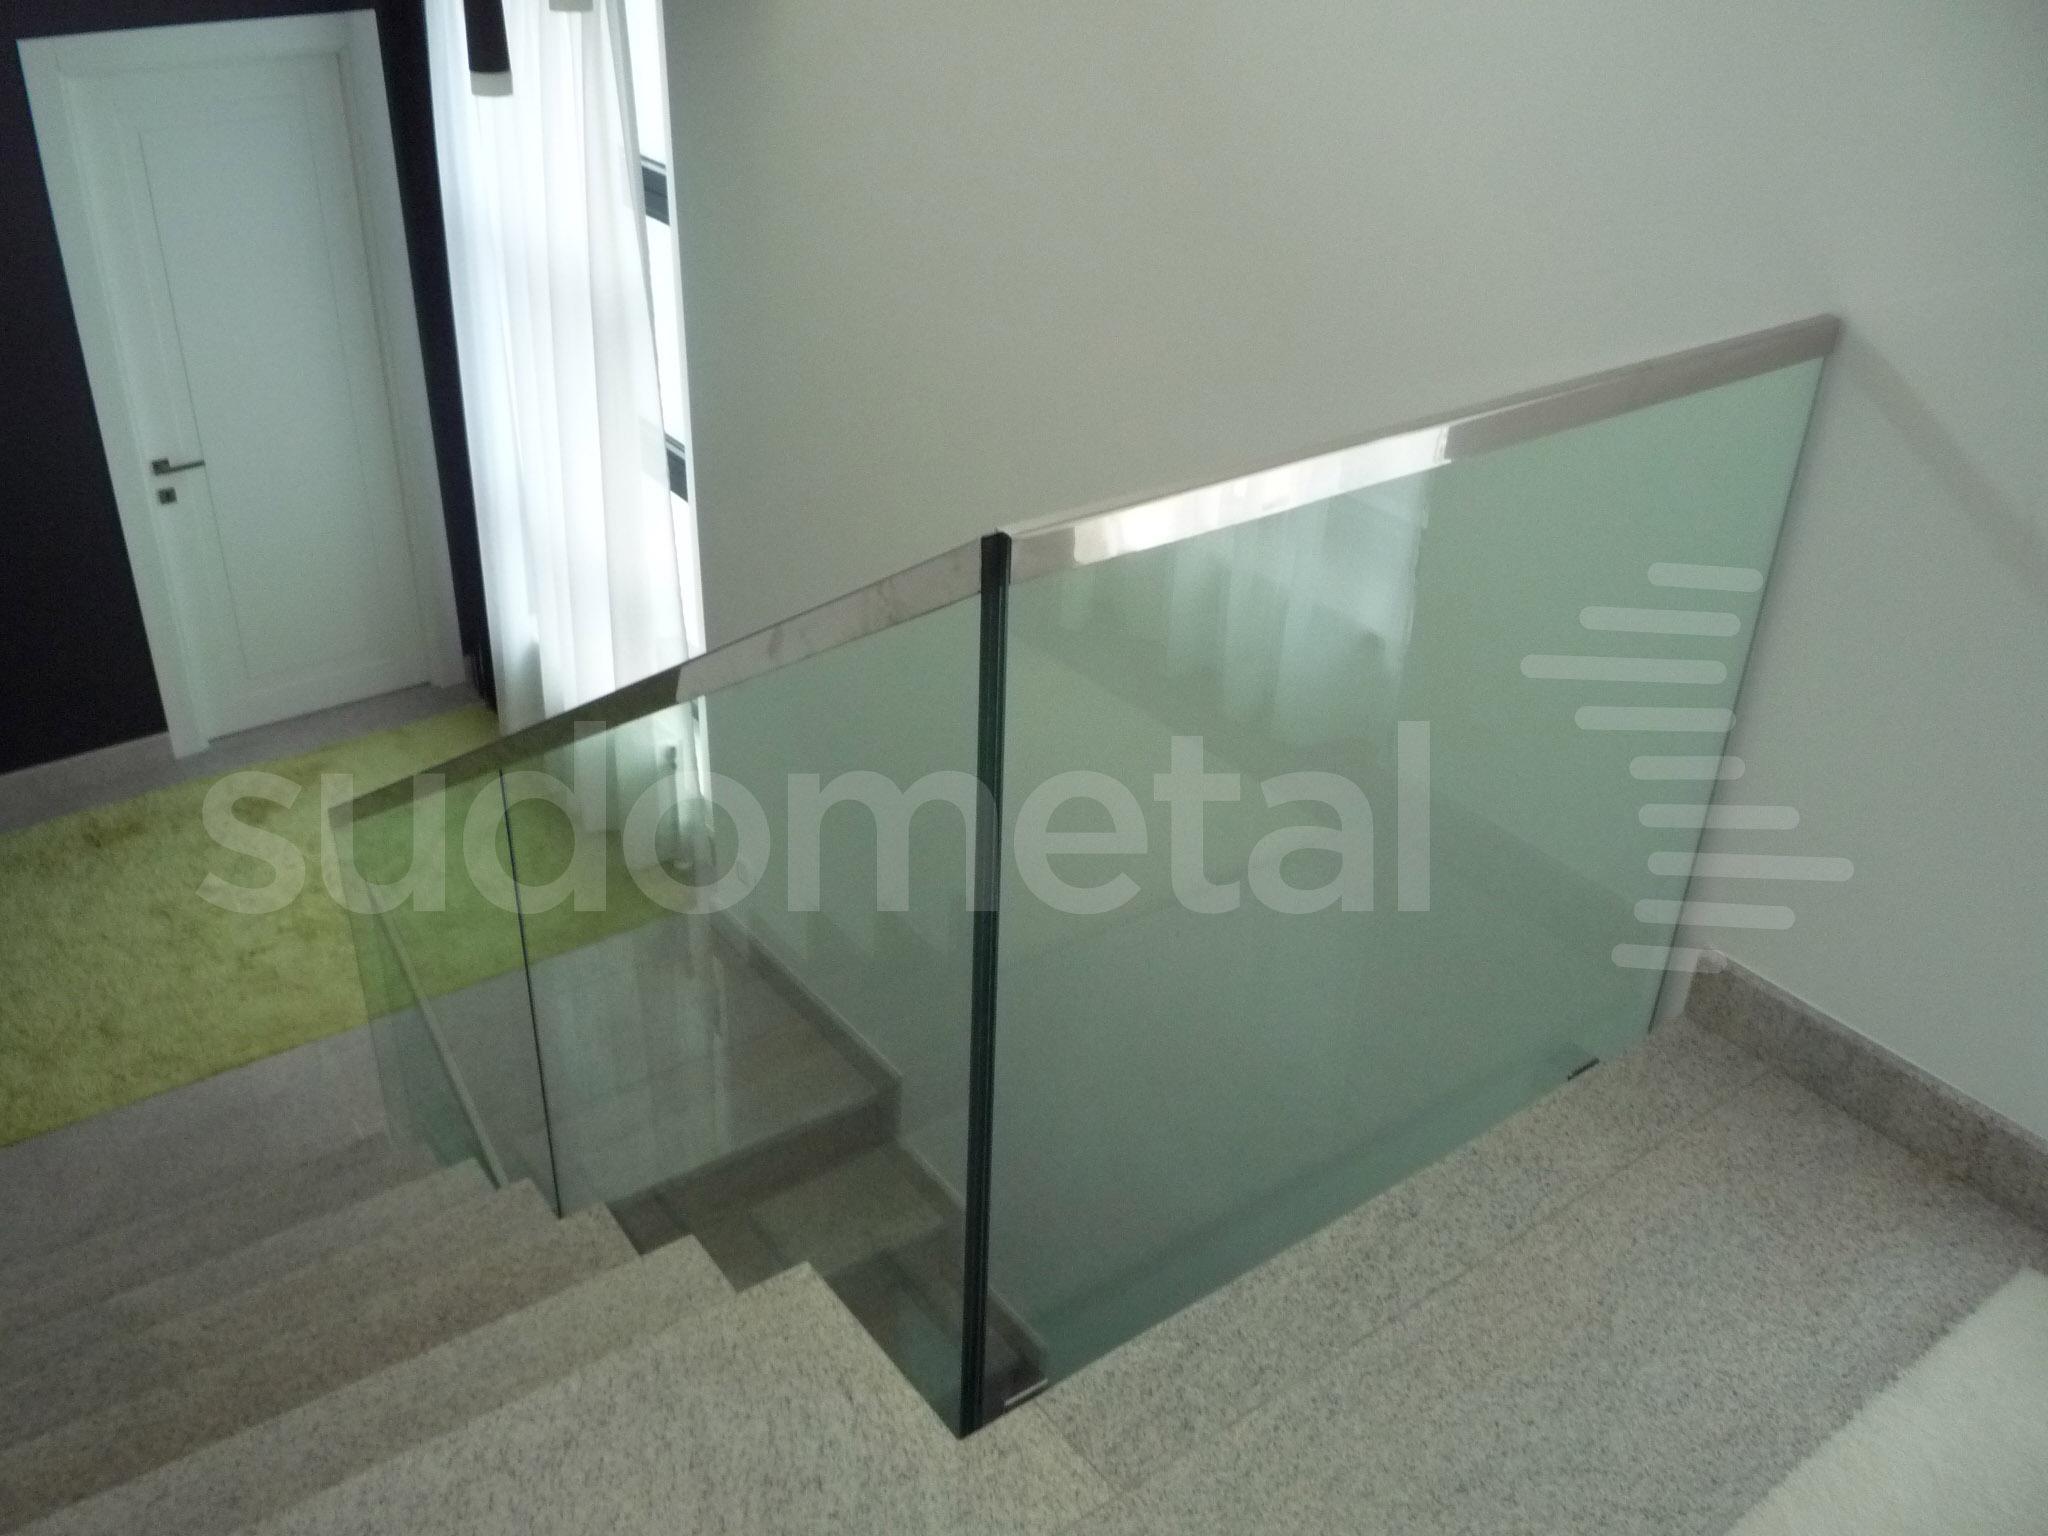 Balustrade din sticla - Balustrada casa particulara Galati SUDOMETAL - Poza 2